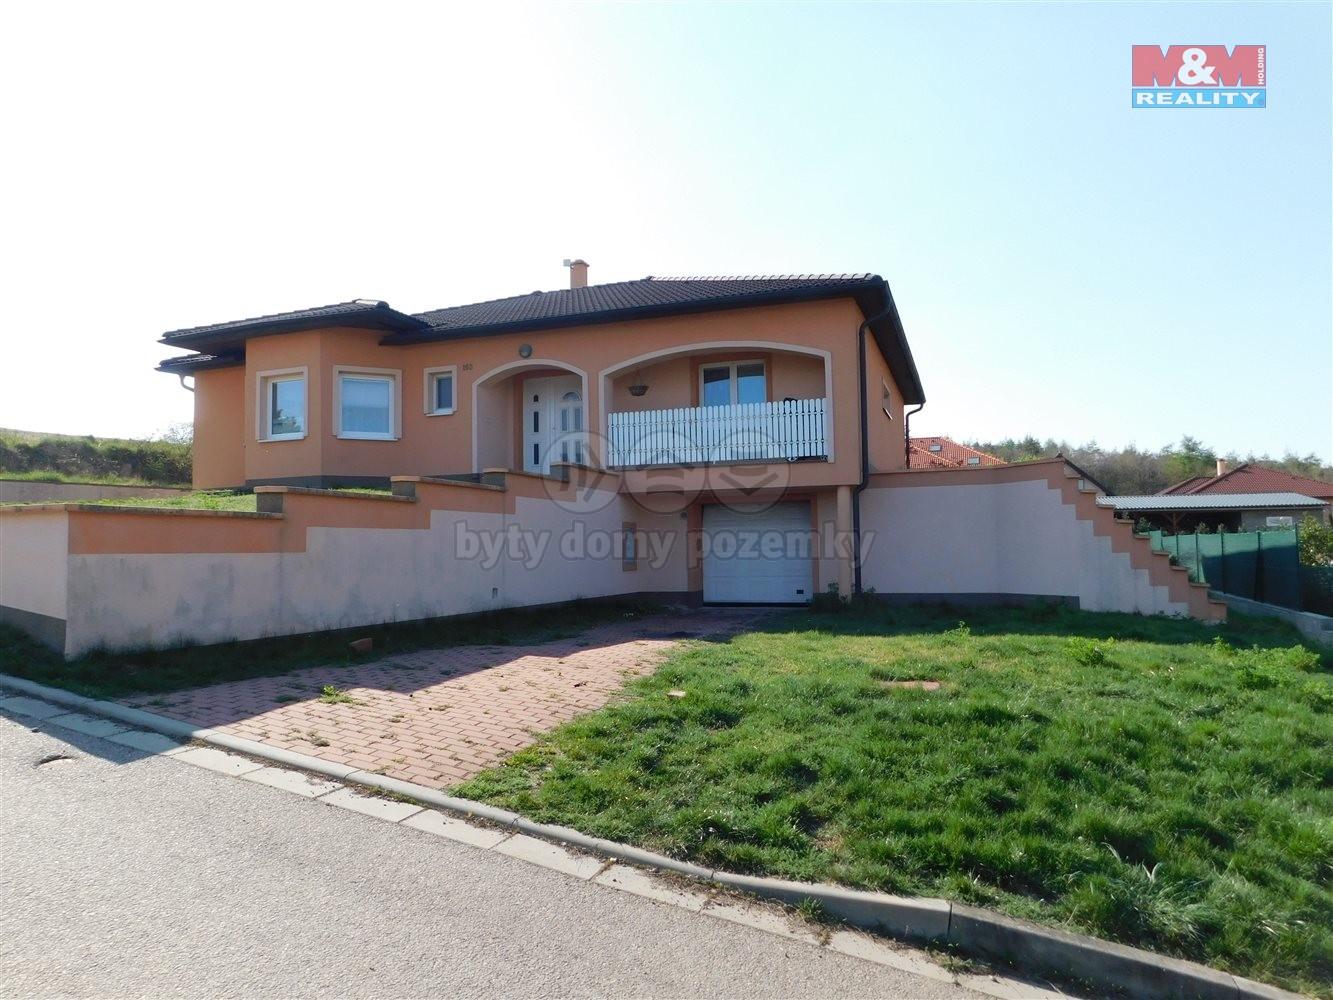 Prodej, rodinný dům 4+1, 1296 m2, Čučice